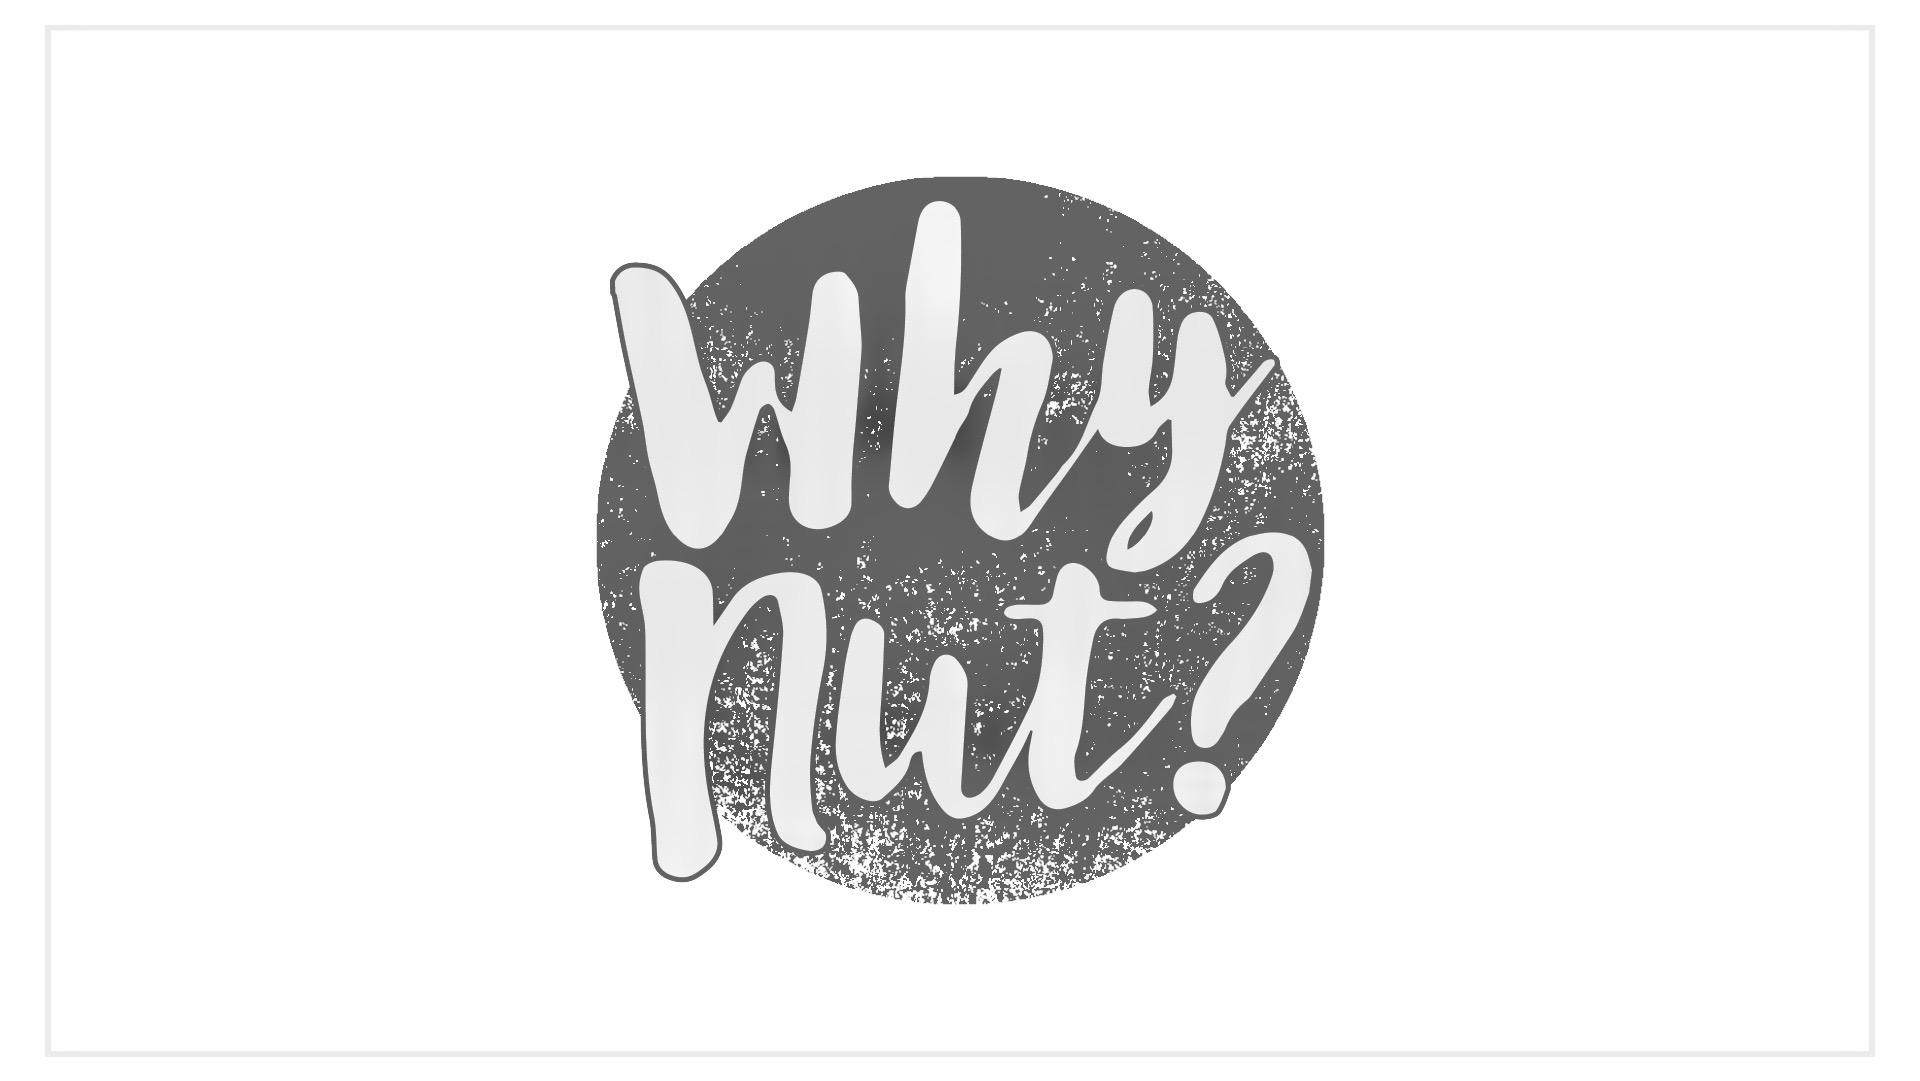 WhyNut? Website design